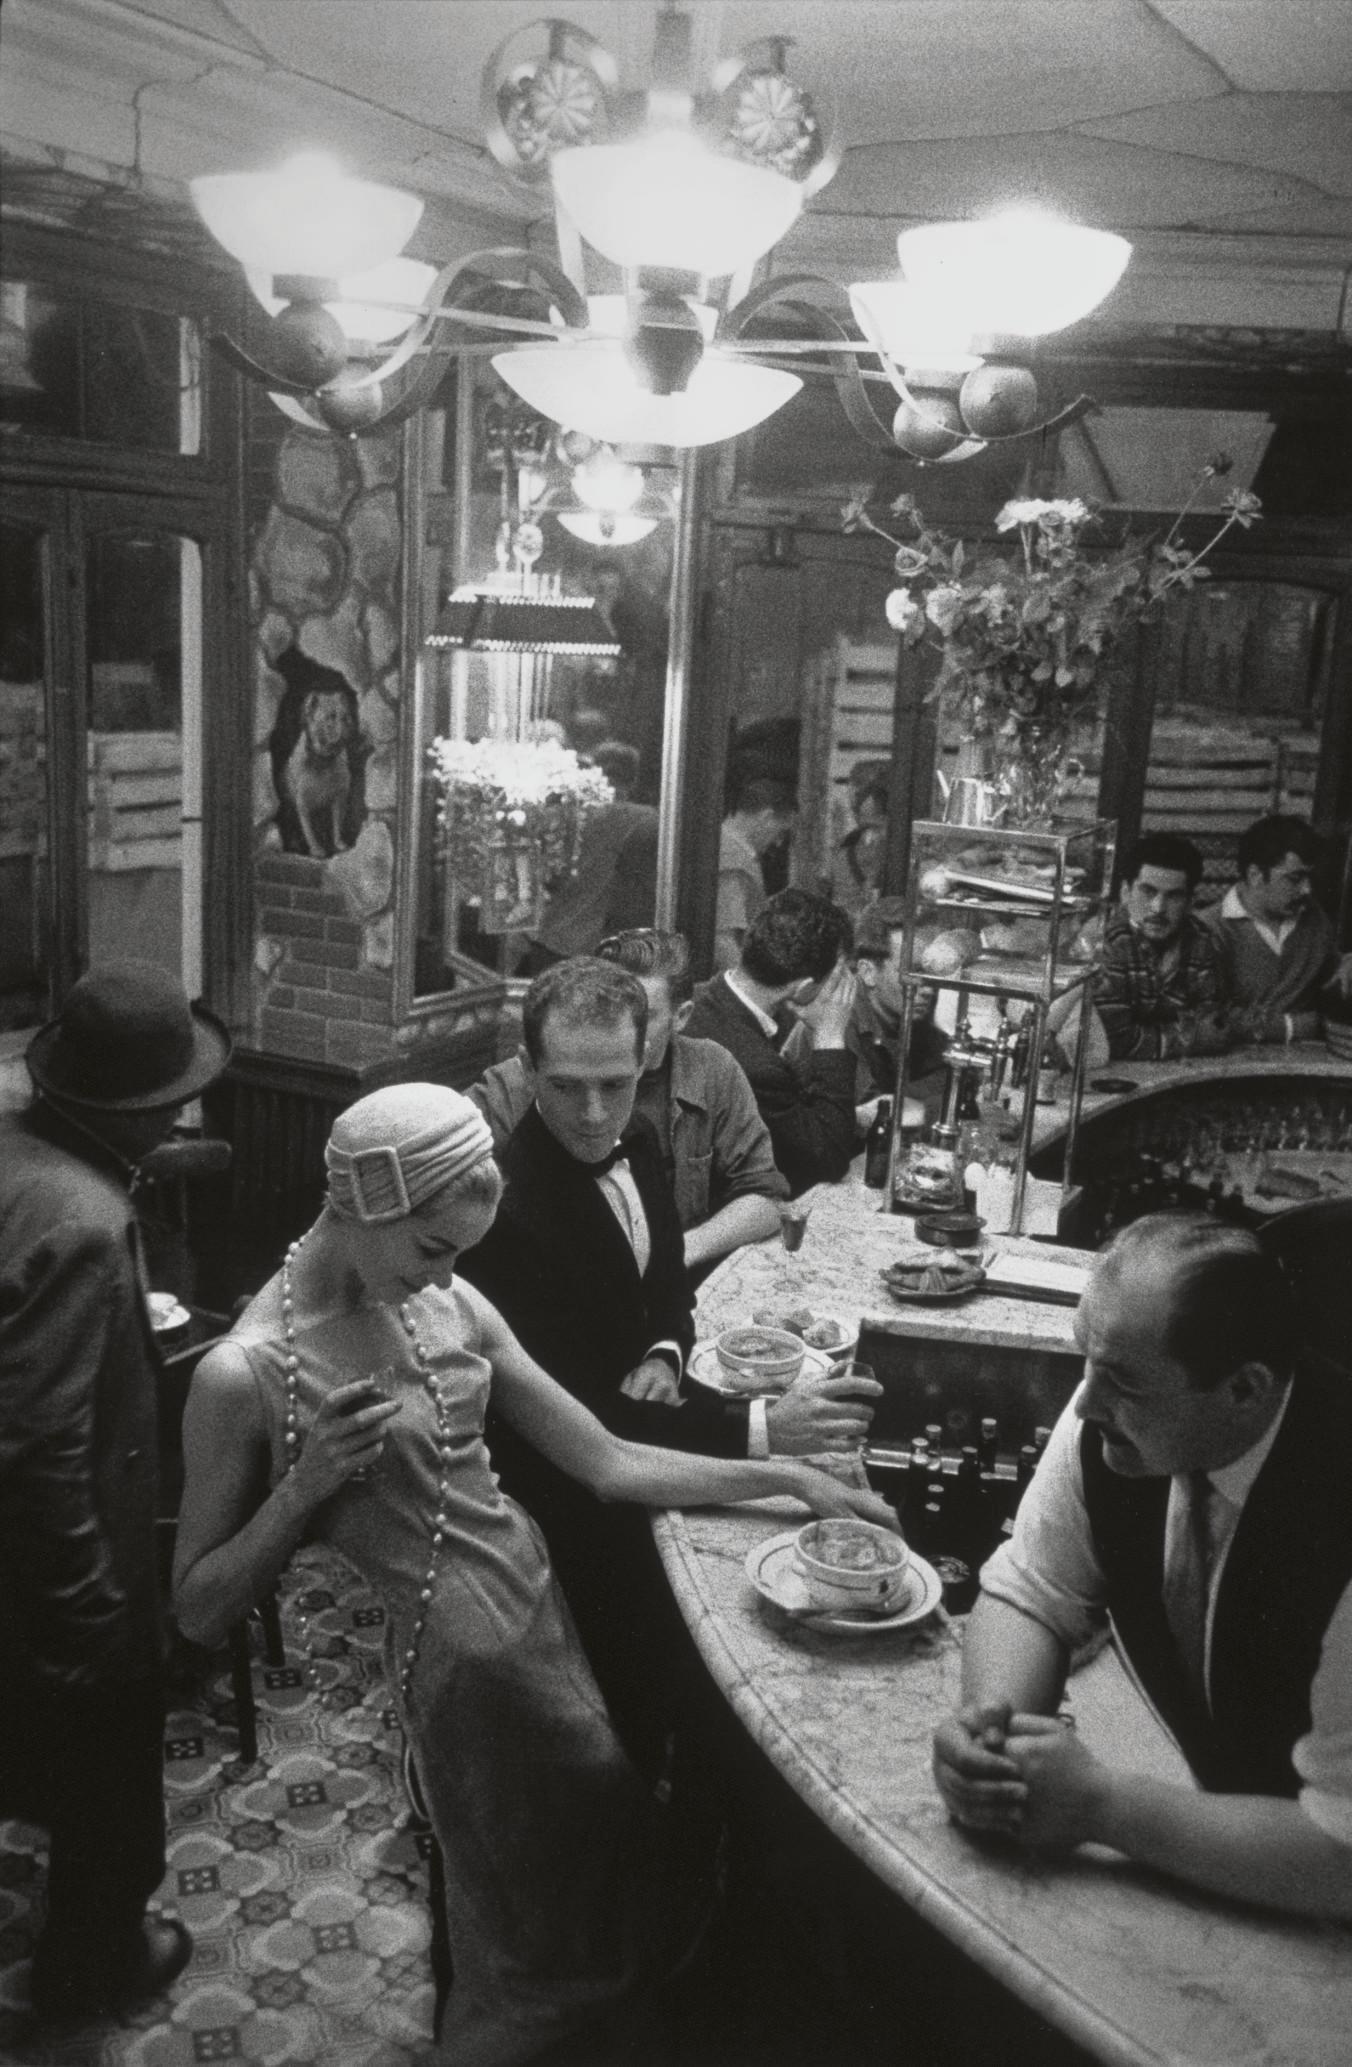 Au Chien Qui Fume, Jardin des Modes, Paris, 1957